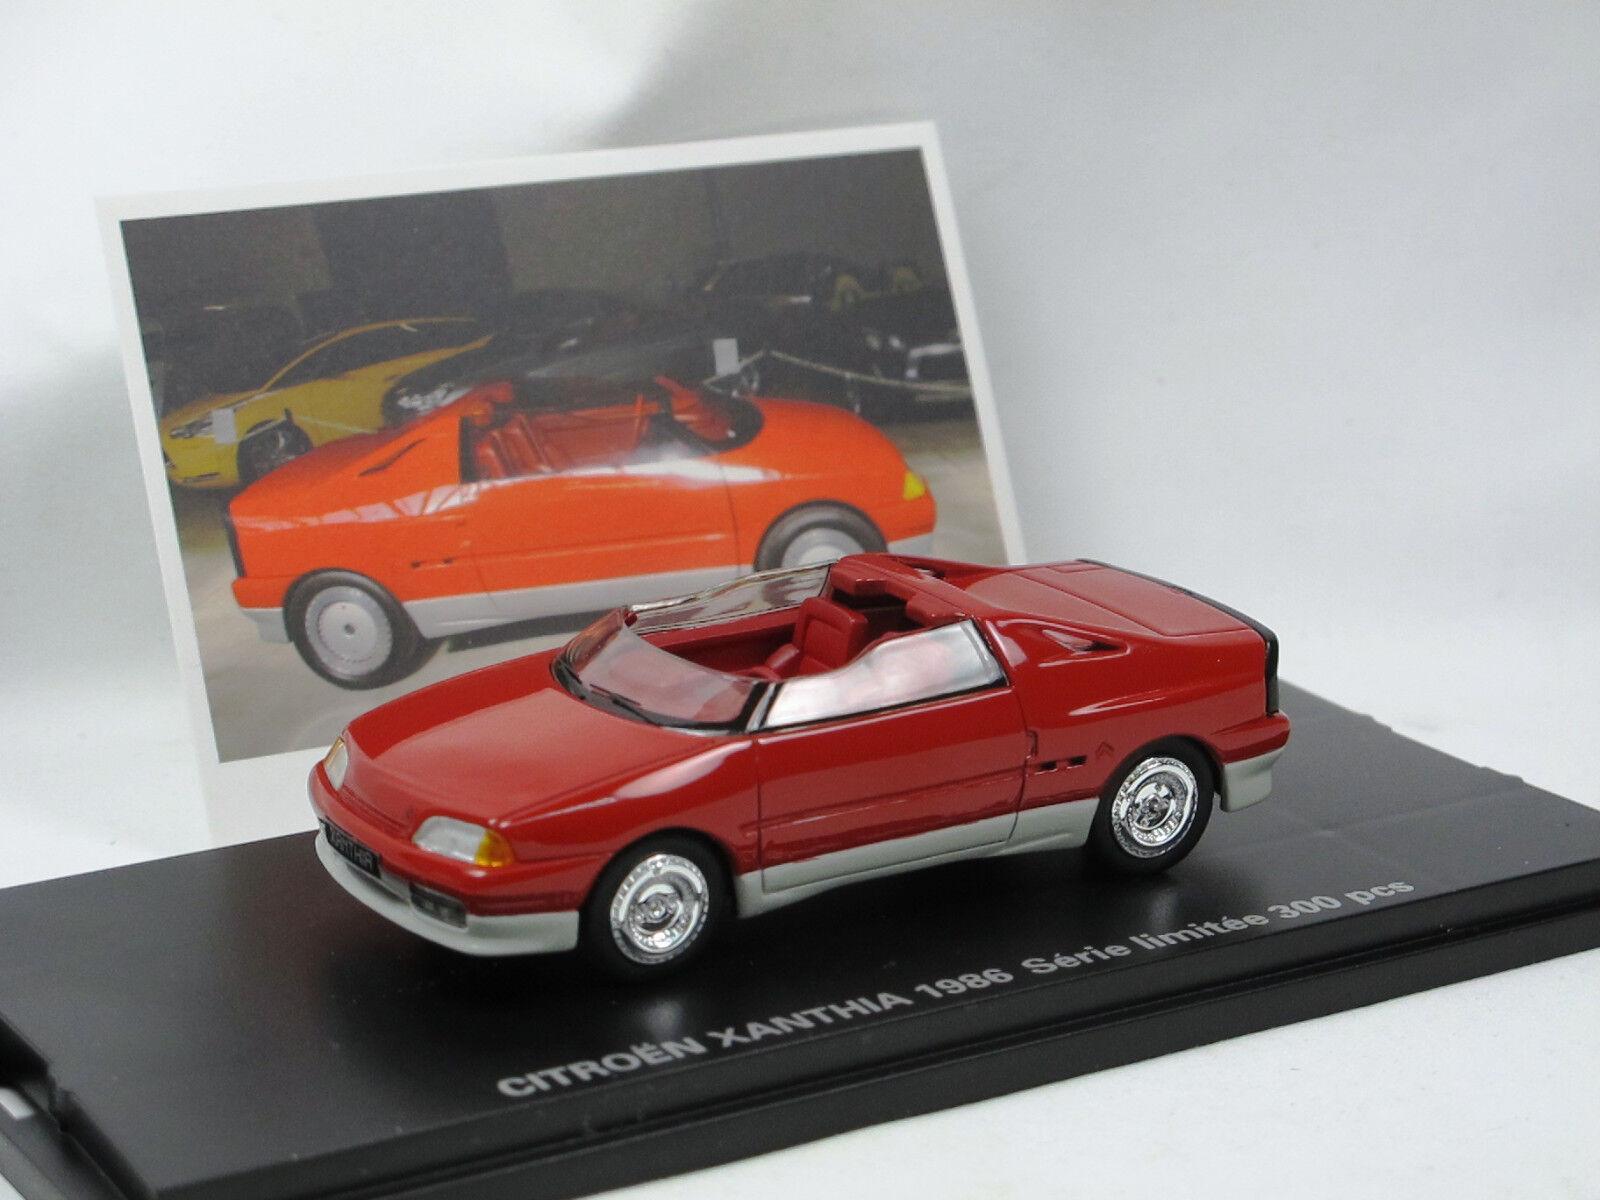 precios ultra bajos Franstyle 006 by momaco-citroen Xanthia roadster concept Coche 1986 1986 1986 1 43 nuevo  ganancia cero